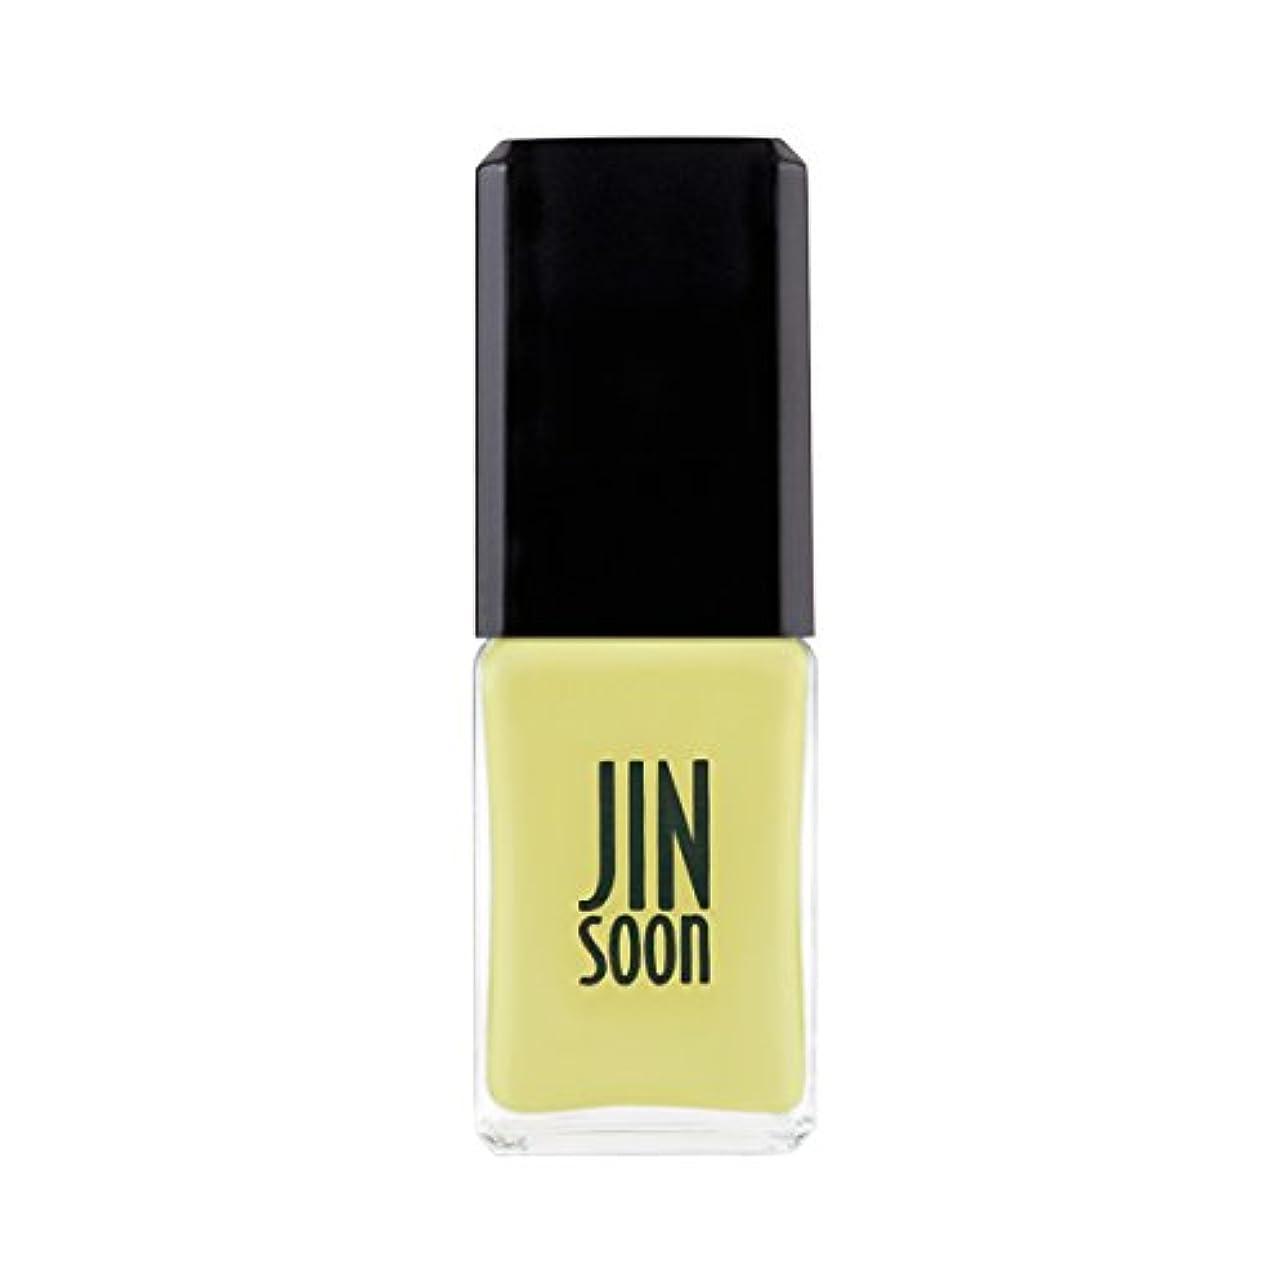 [ジンスーン] [ jinsoon] シャルム Charme ジンスーンネイルポリッシュ 爪に優しい成分 11mL